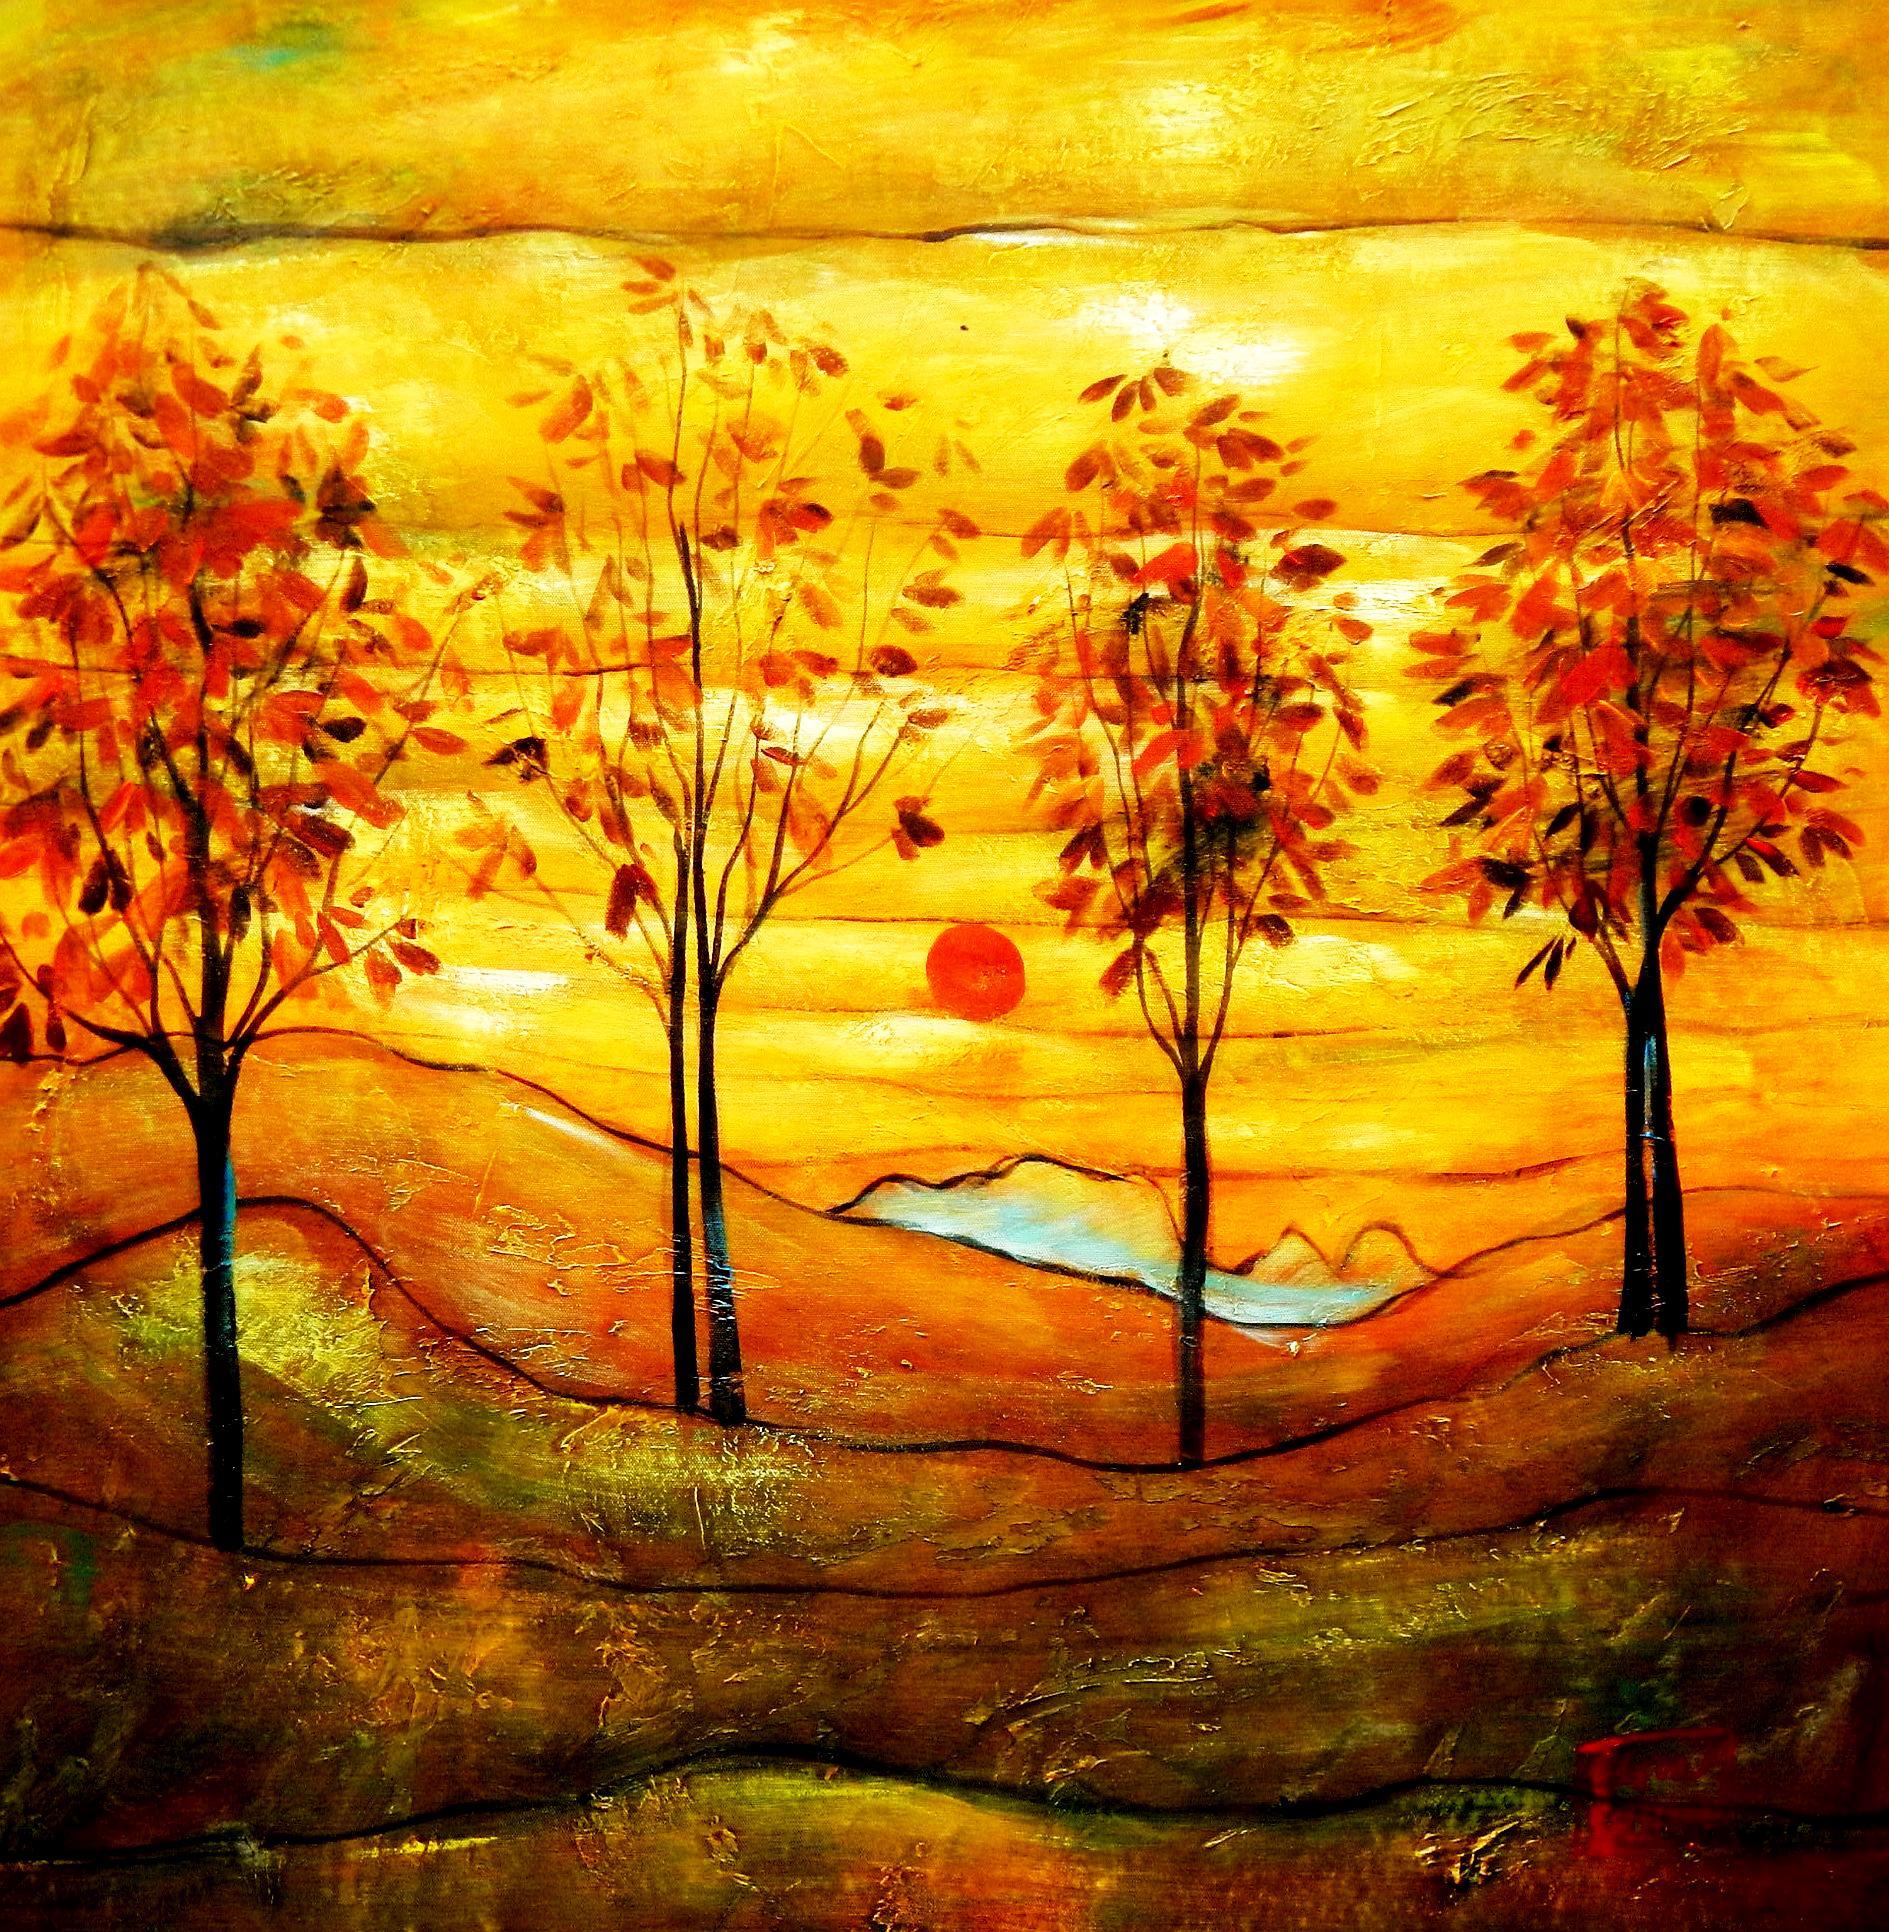 Egon Schiele - Vier Bäume g94390 80x80cm exzellentes Ölbild